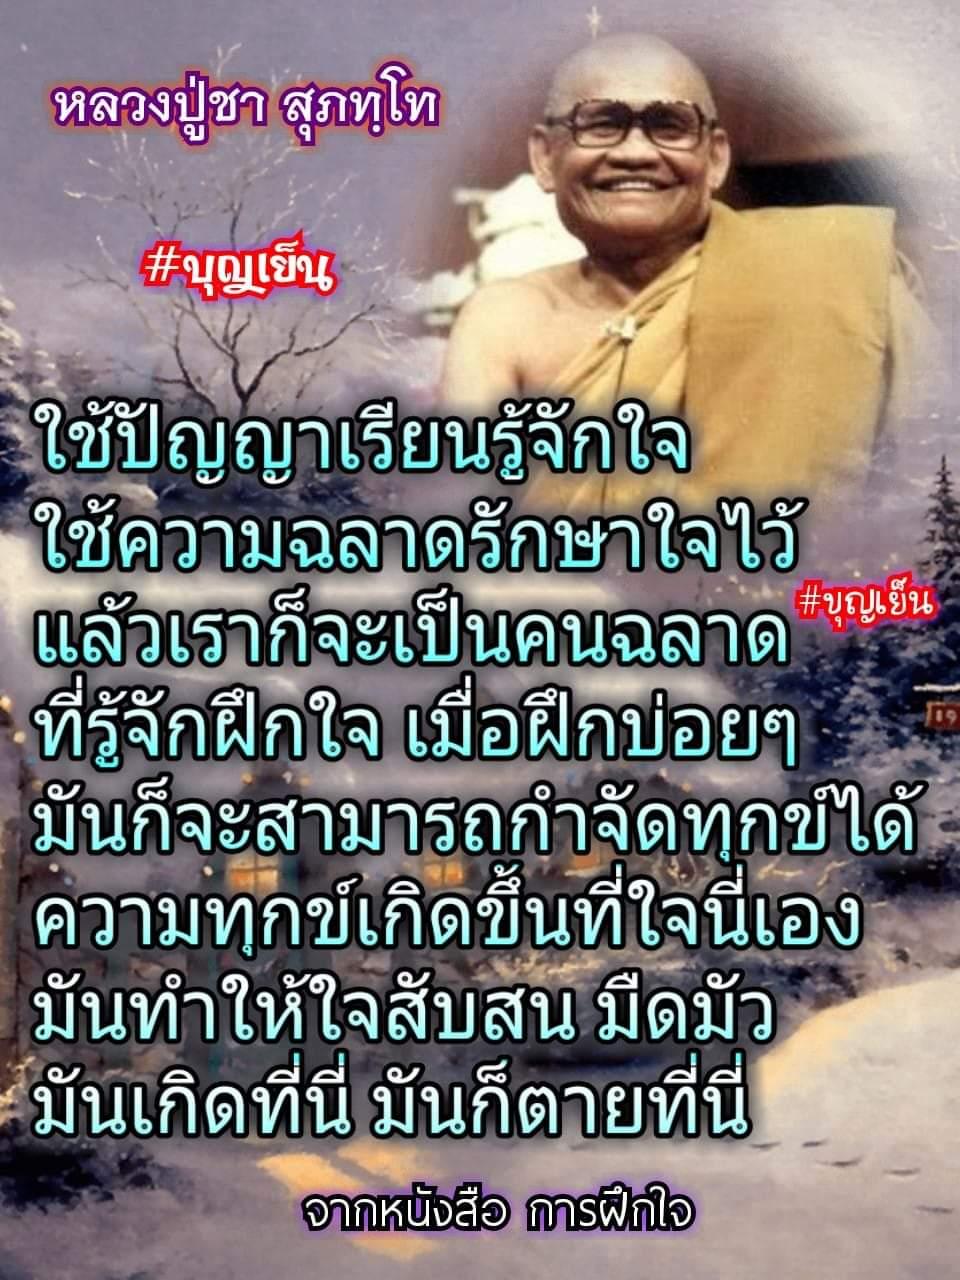 FB_IMG_1553097873783.jpg